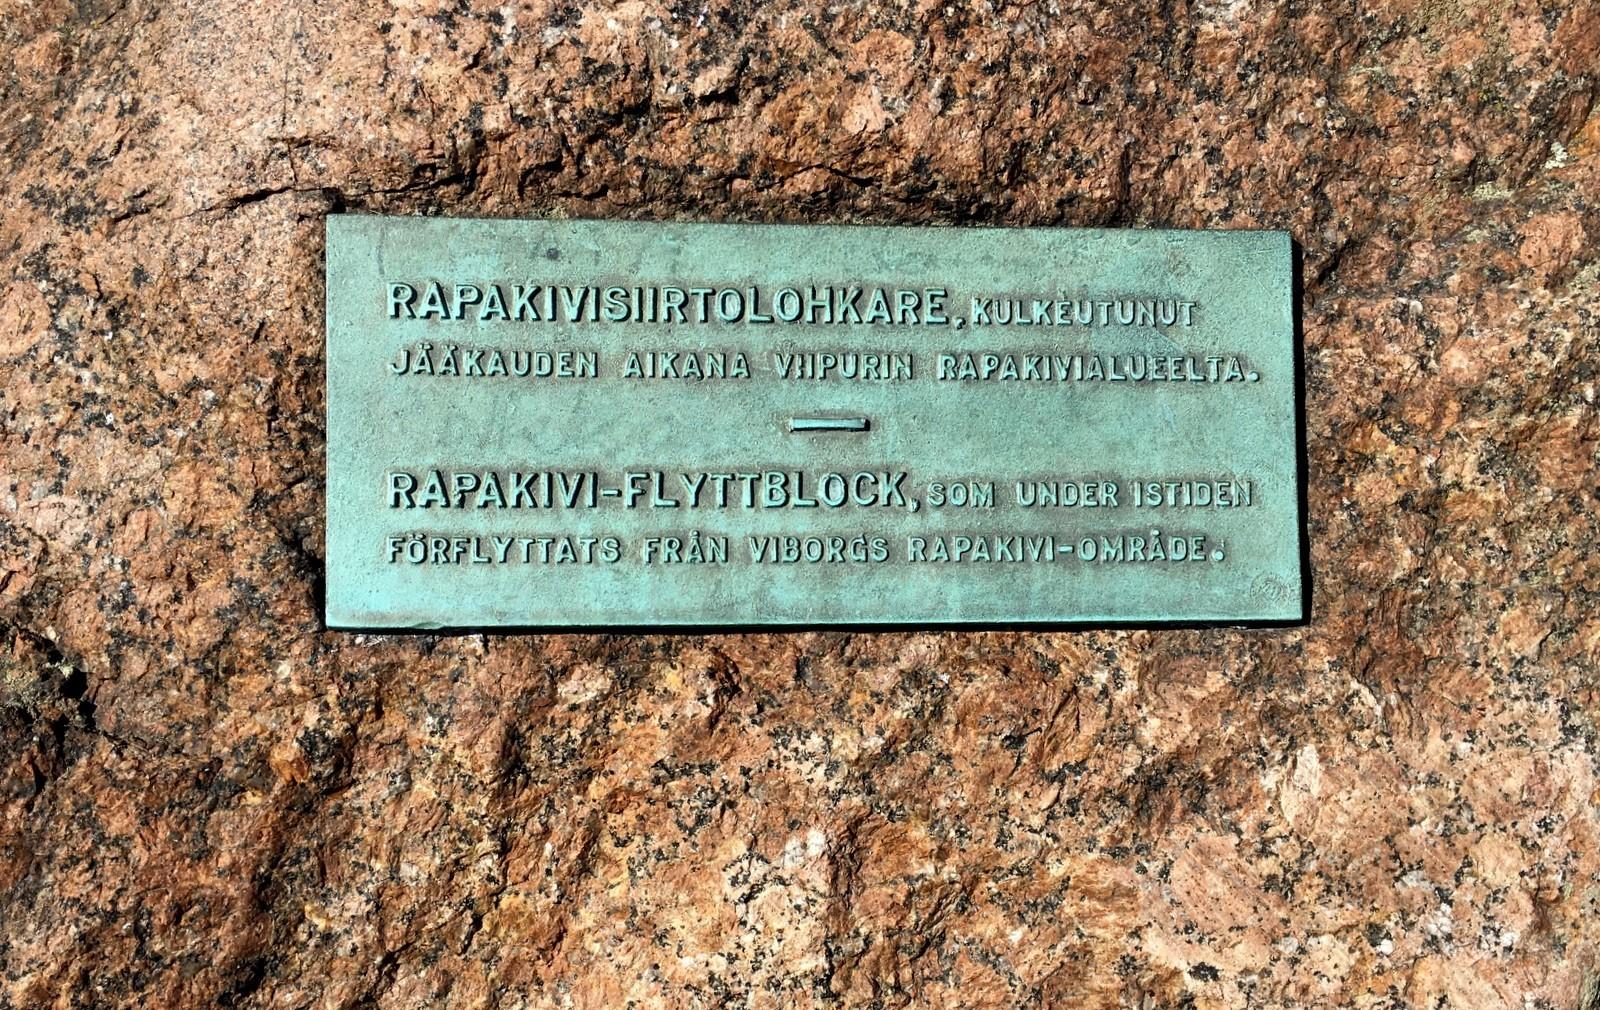 Lumoava Helsinki Kaivopuisto siirtolohkare